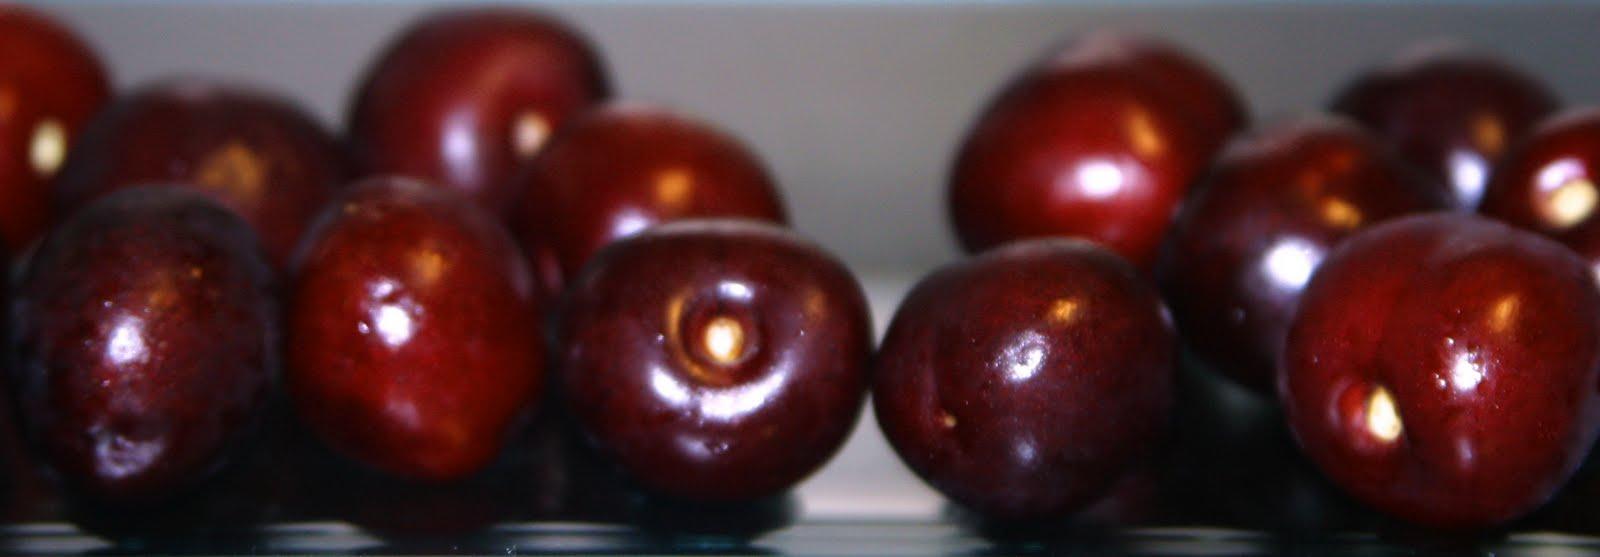 Espuma de calabacín aromatizada con hongos